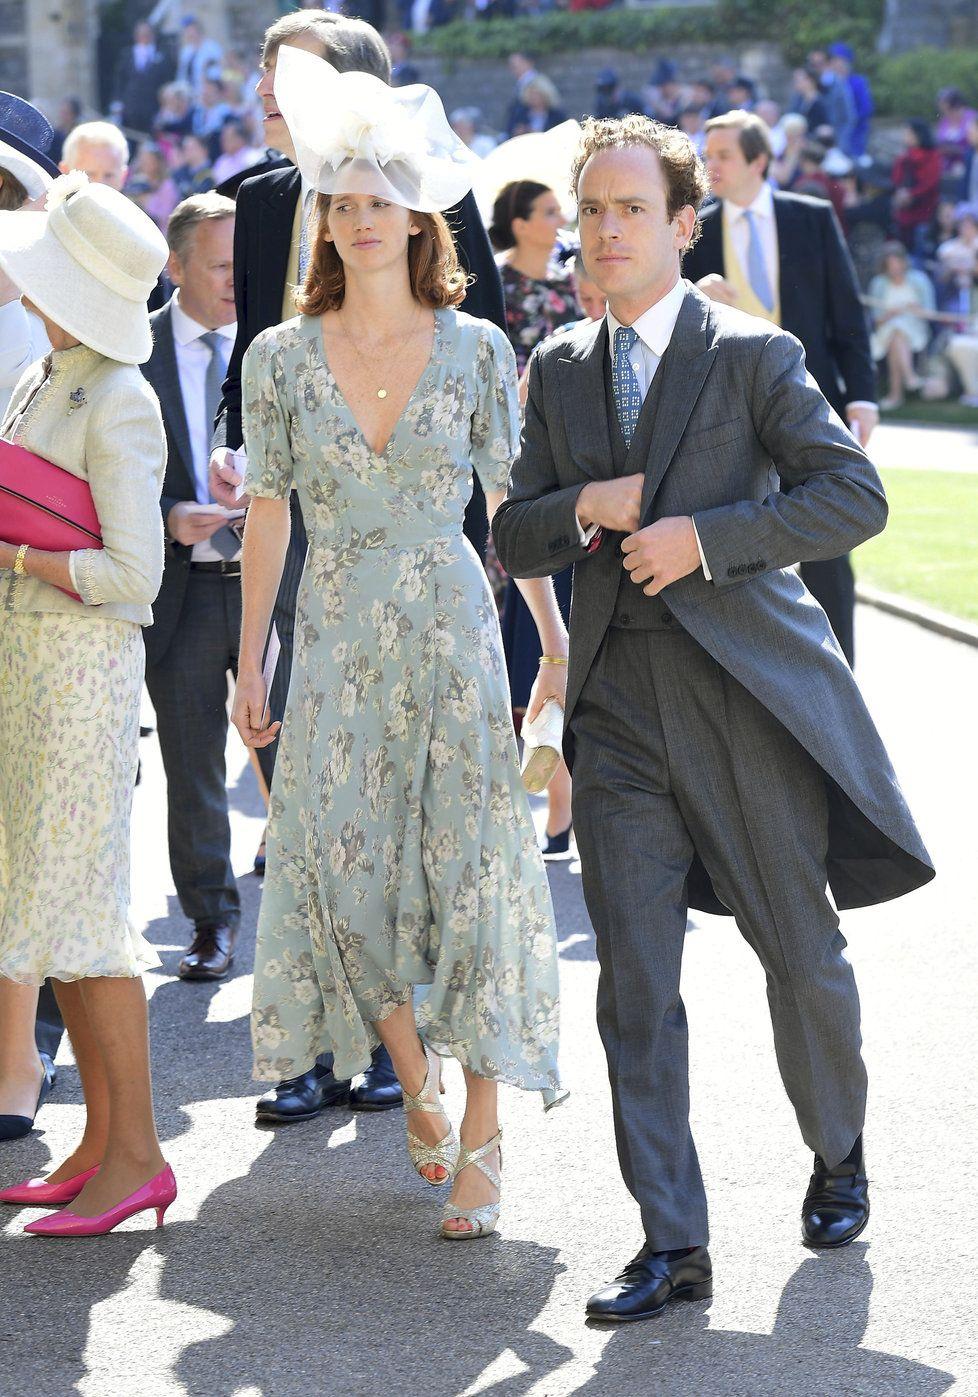 Tom Inskip Prijel Na Kralovskou Svatbu Royal Wedding Guests Outfits Guest Outfit Wedding Guest Outfit [ 1397 x 978 Pixel ]